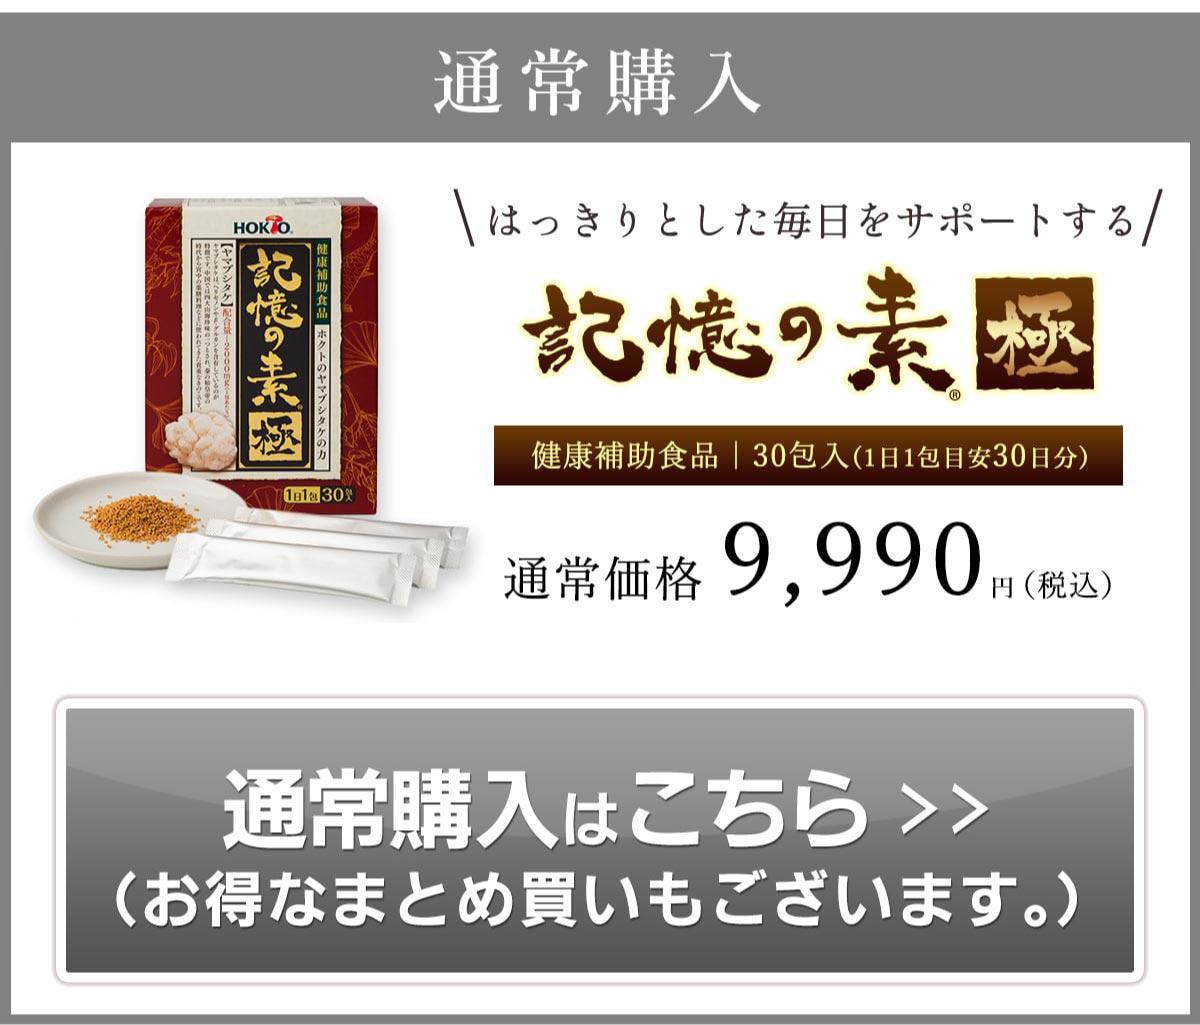 通常購入9,990円